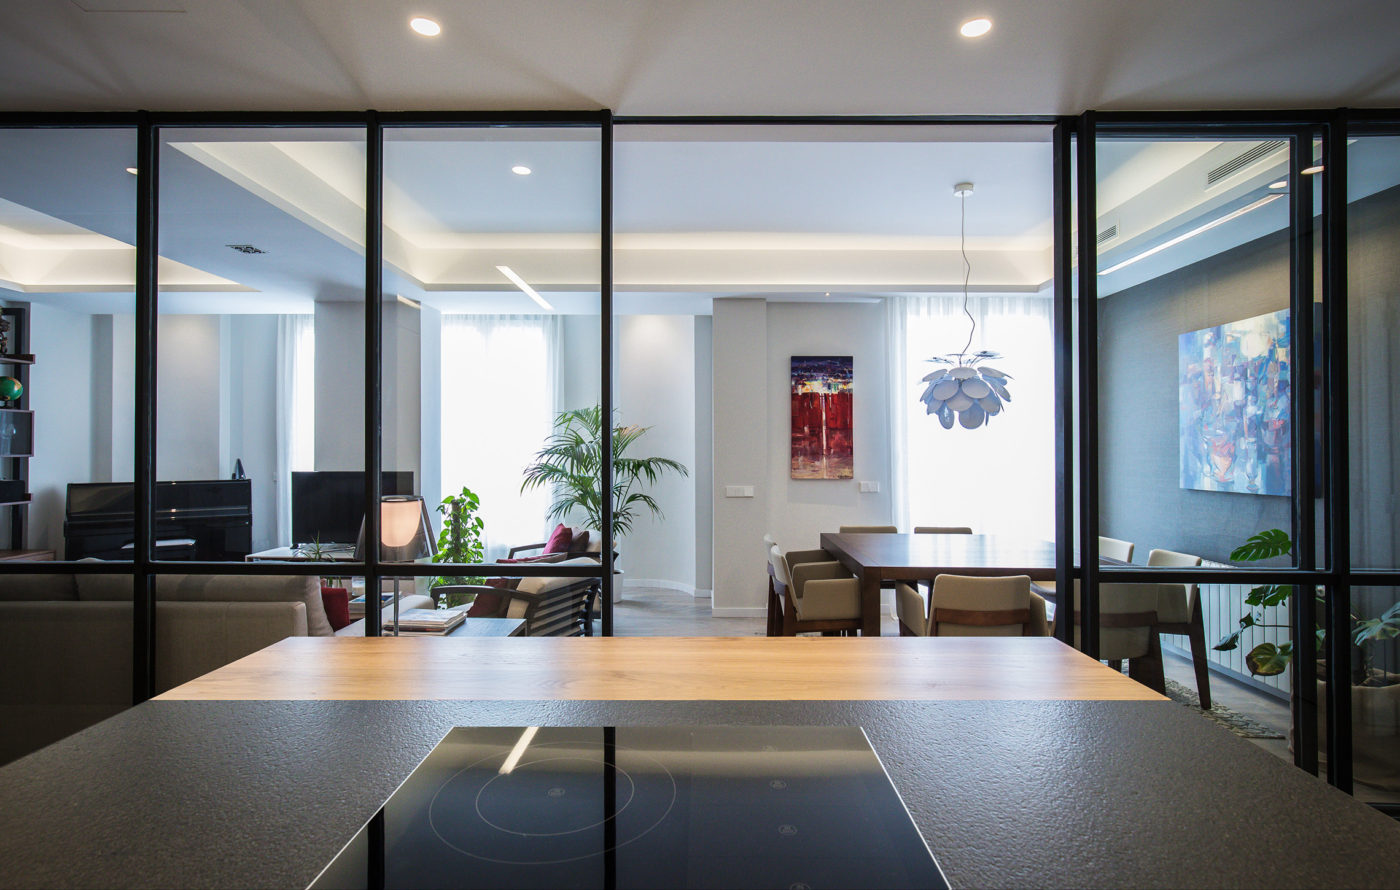 mas-millet-arquitecto-arquitectura-interiorismo-reforma-integral-moderna-piso-valencia-carpintería-de-madera-mobiliario-salón-casa-gran-via-luz-natural